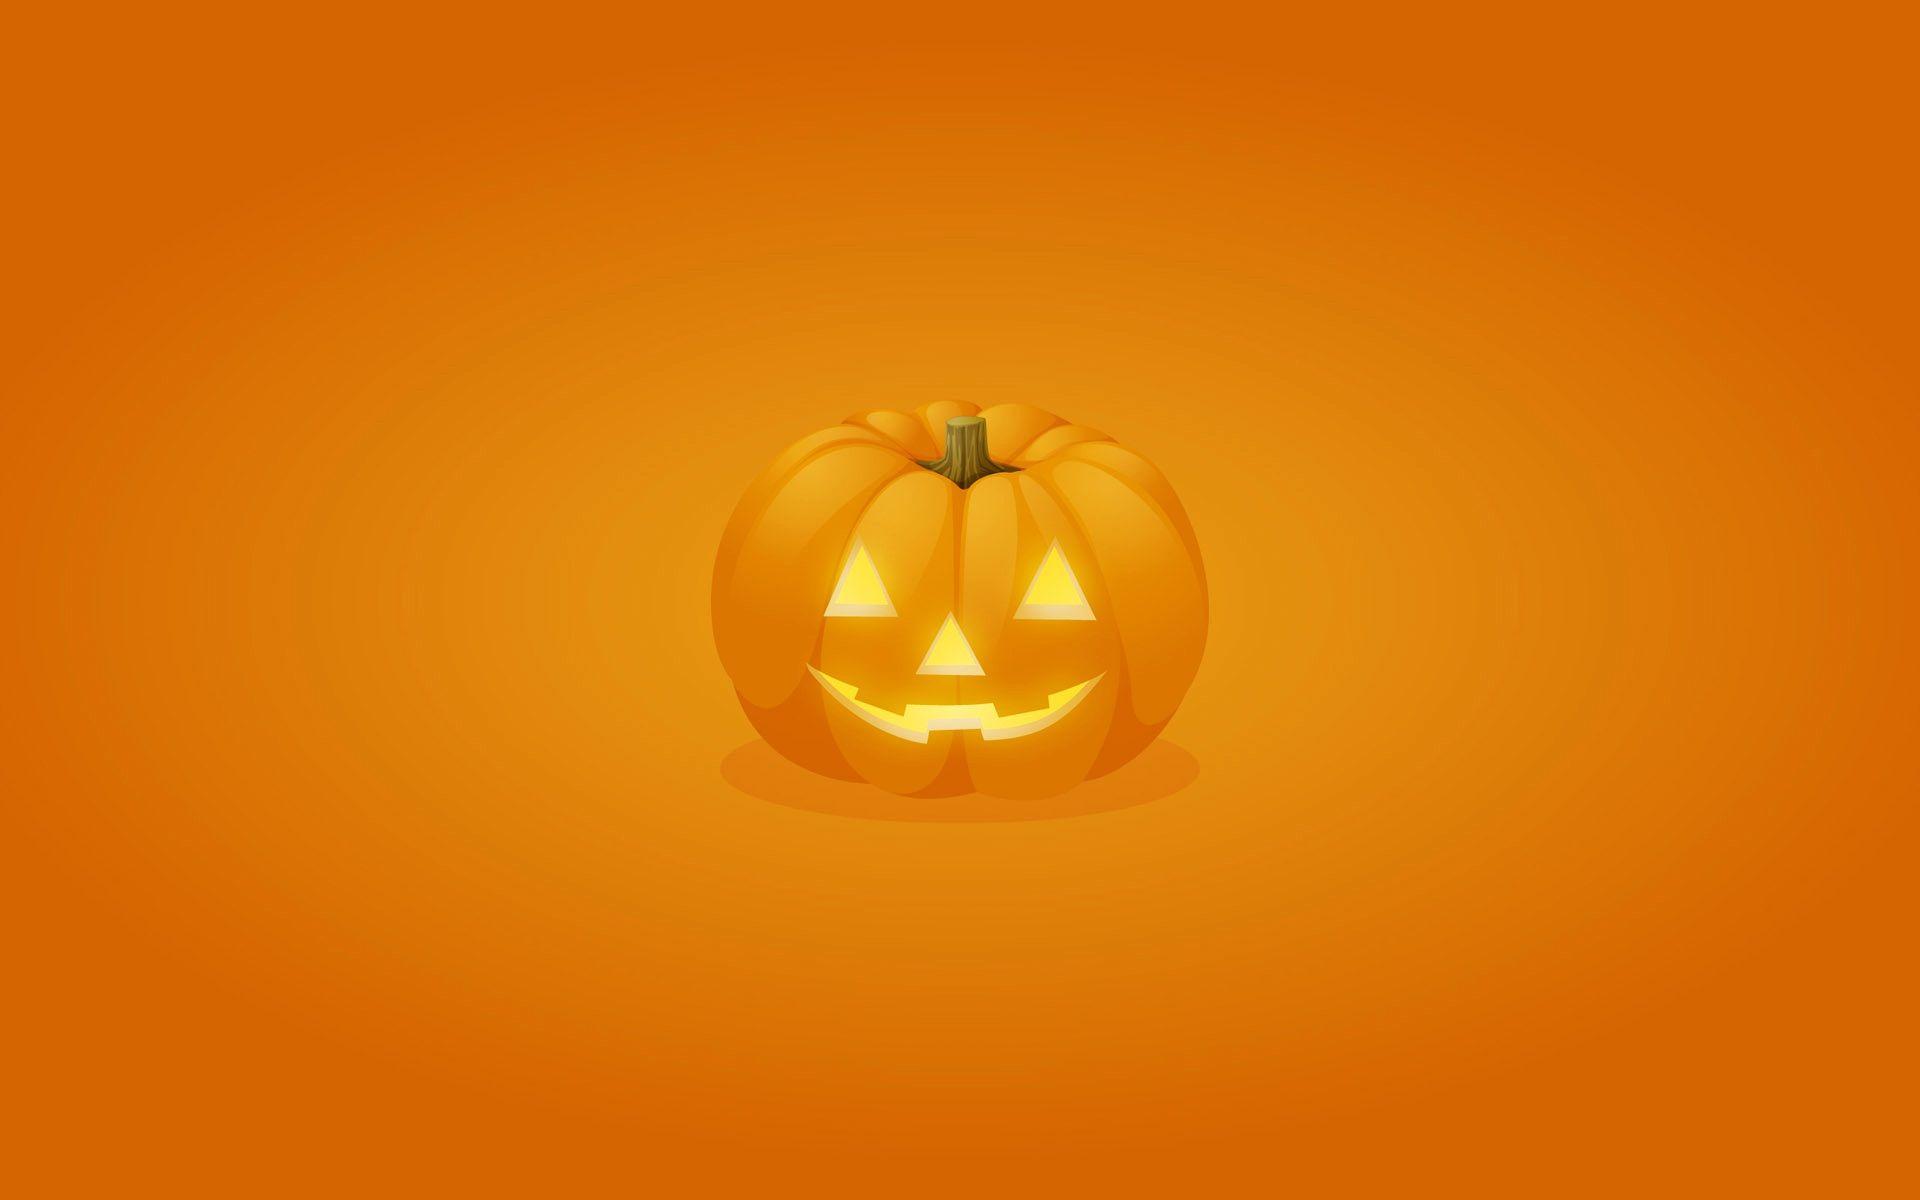 pumpkin wallpaper for walls